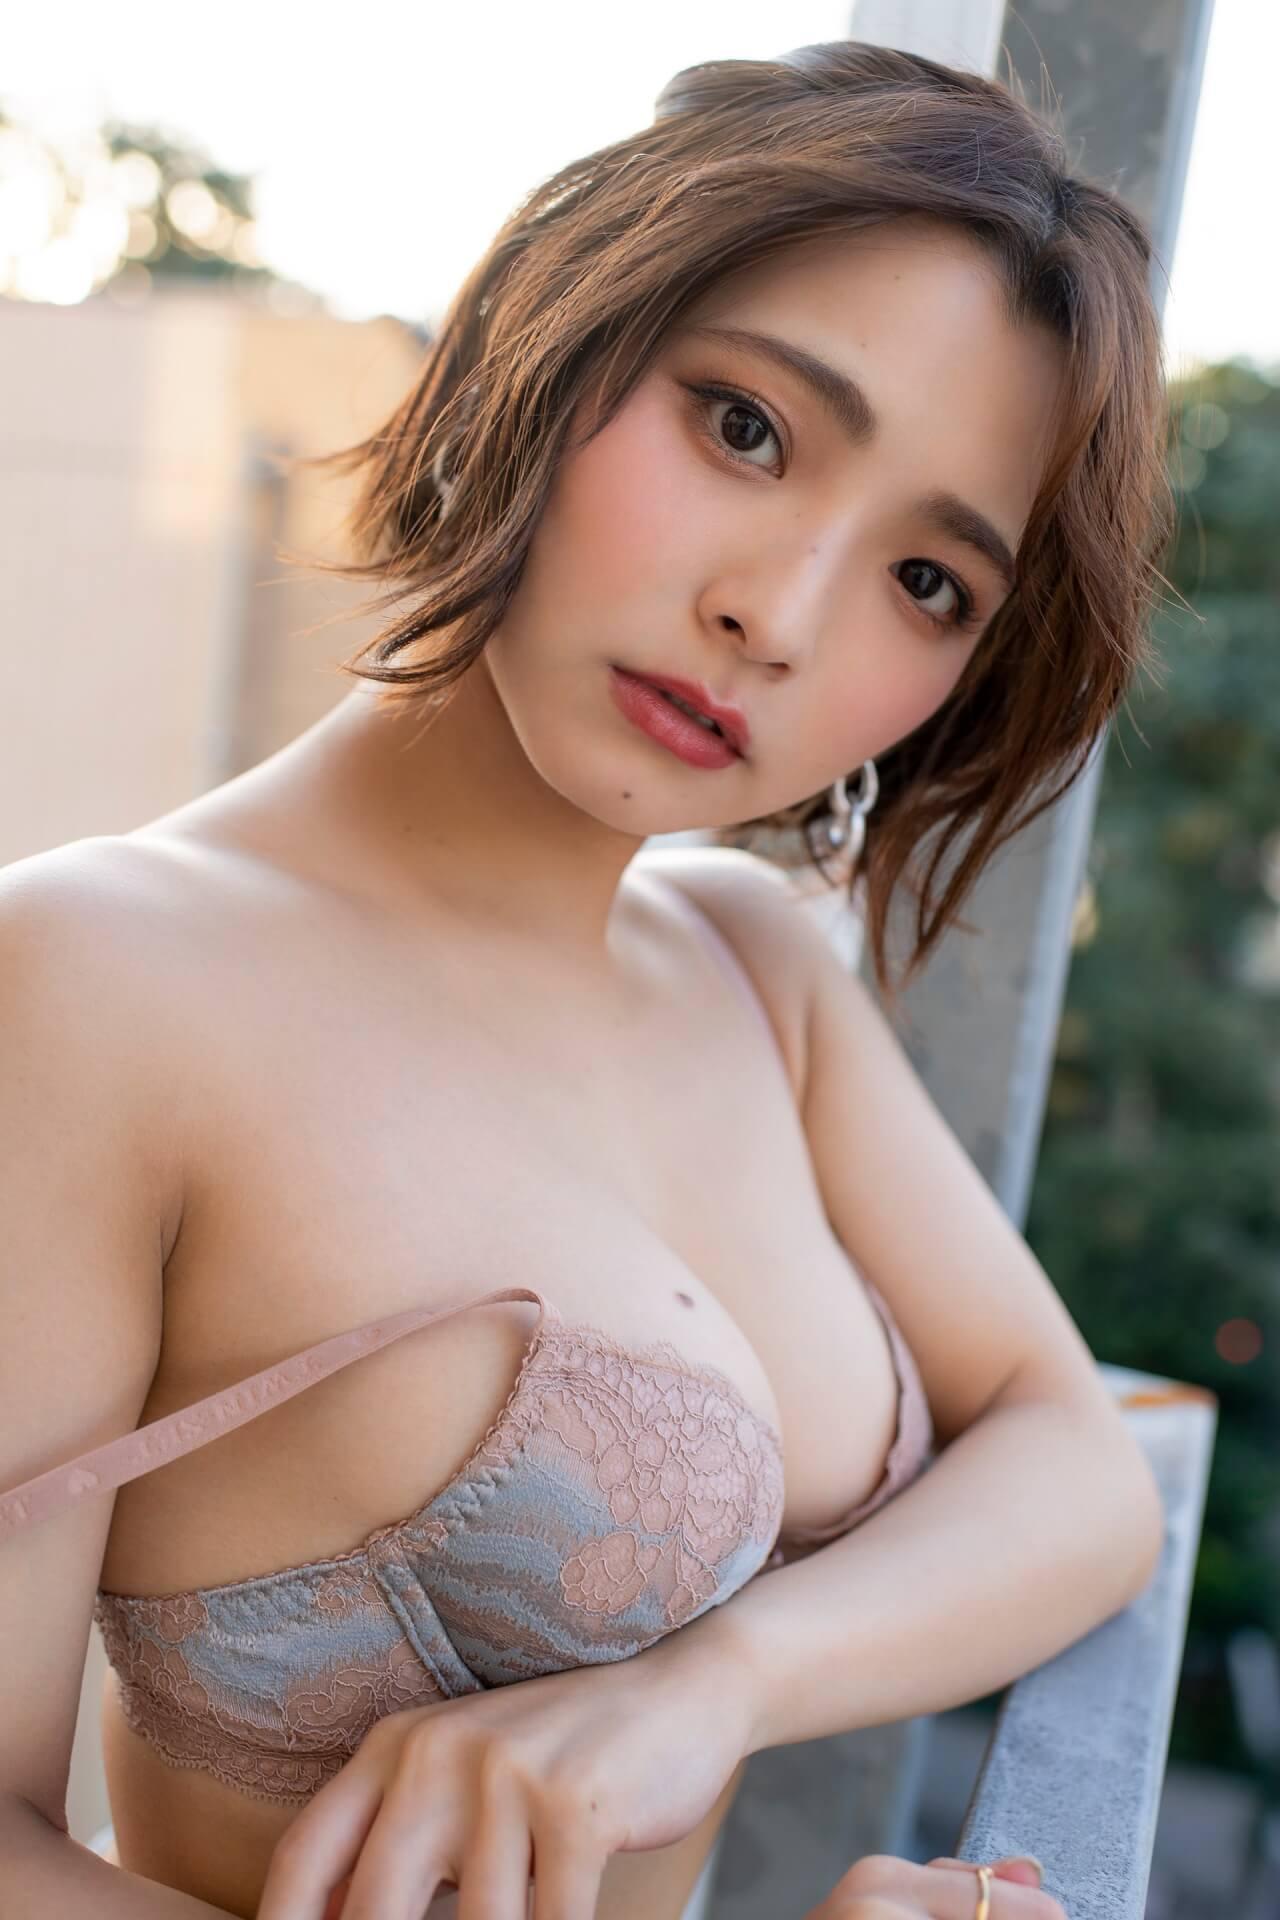 えなこ、似鳥沙也加、片岡沙耶、古川優奈ら豪華メンバーがセクシーすぎるグラビアで魅了!『GIRLS graph.』が本日発売 art201224_girlsgraph_4